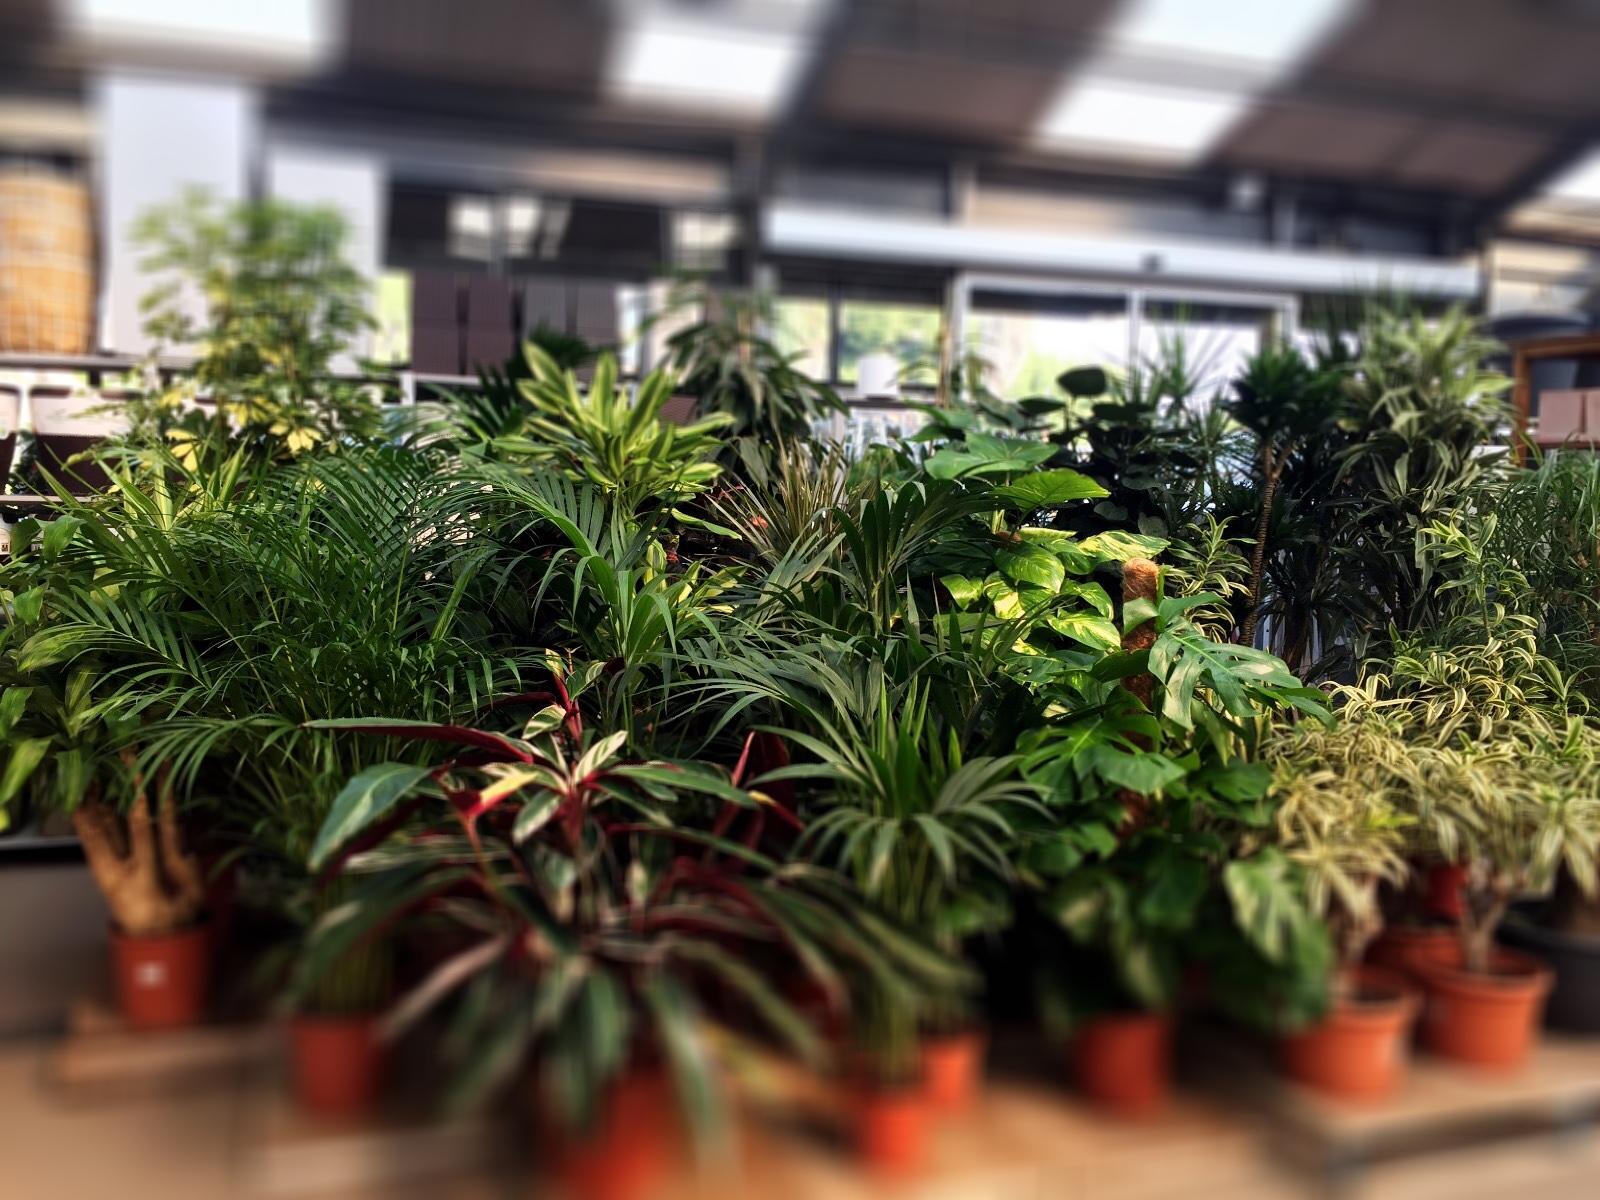 Conillas jardineria y paisajismo plantas hoja grande 2 for Jardineria y plantas